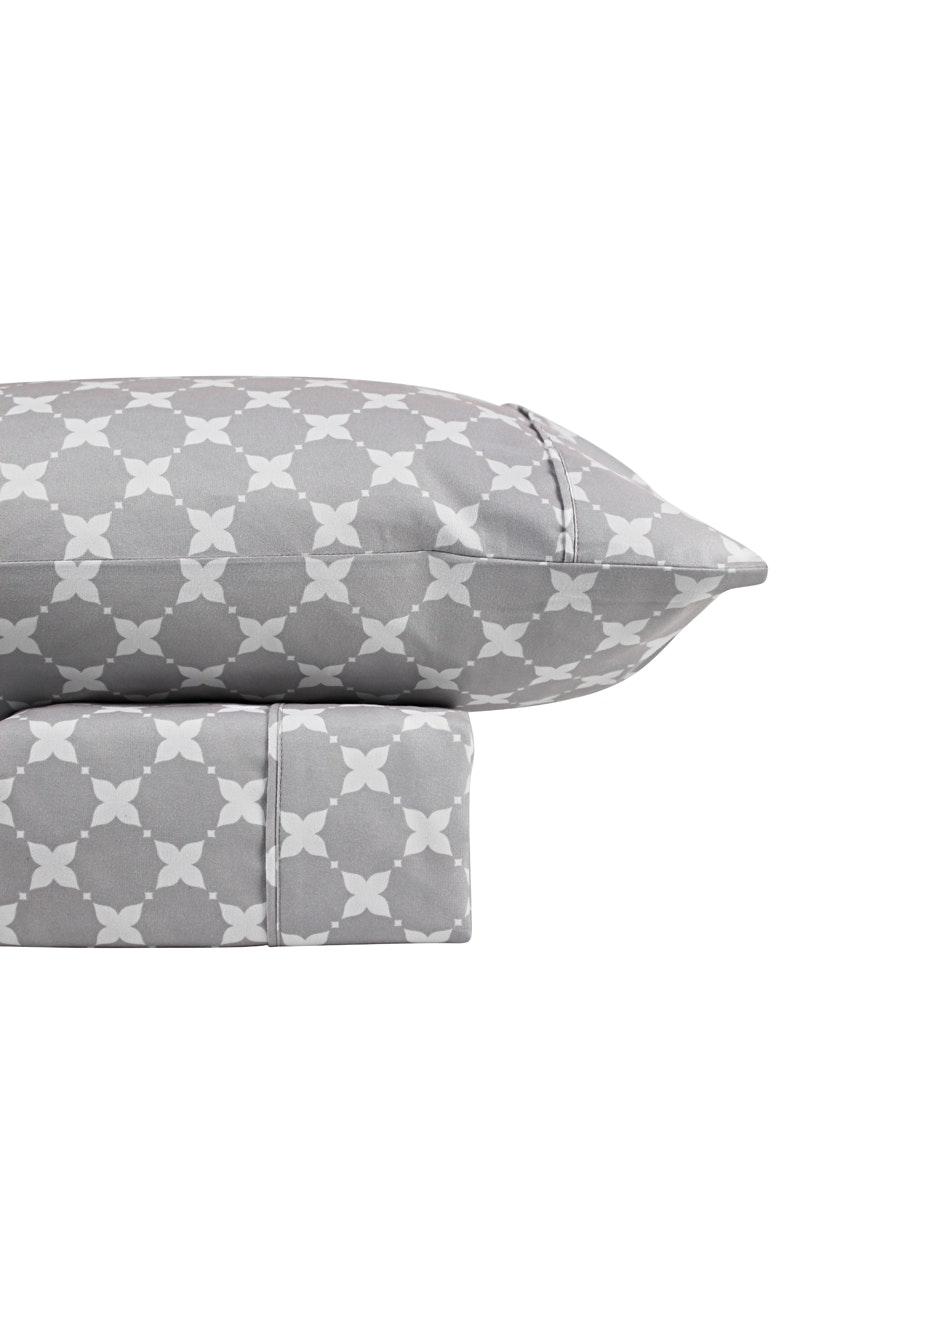 Thermal Flannel Sheet Sets - Aspen Design - Glaicer - Single Bed